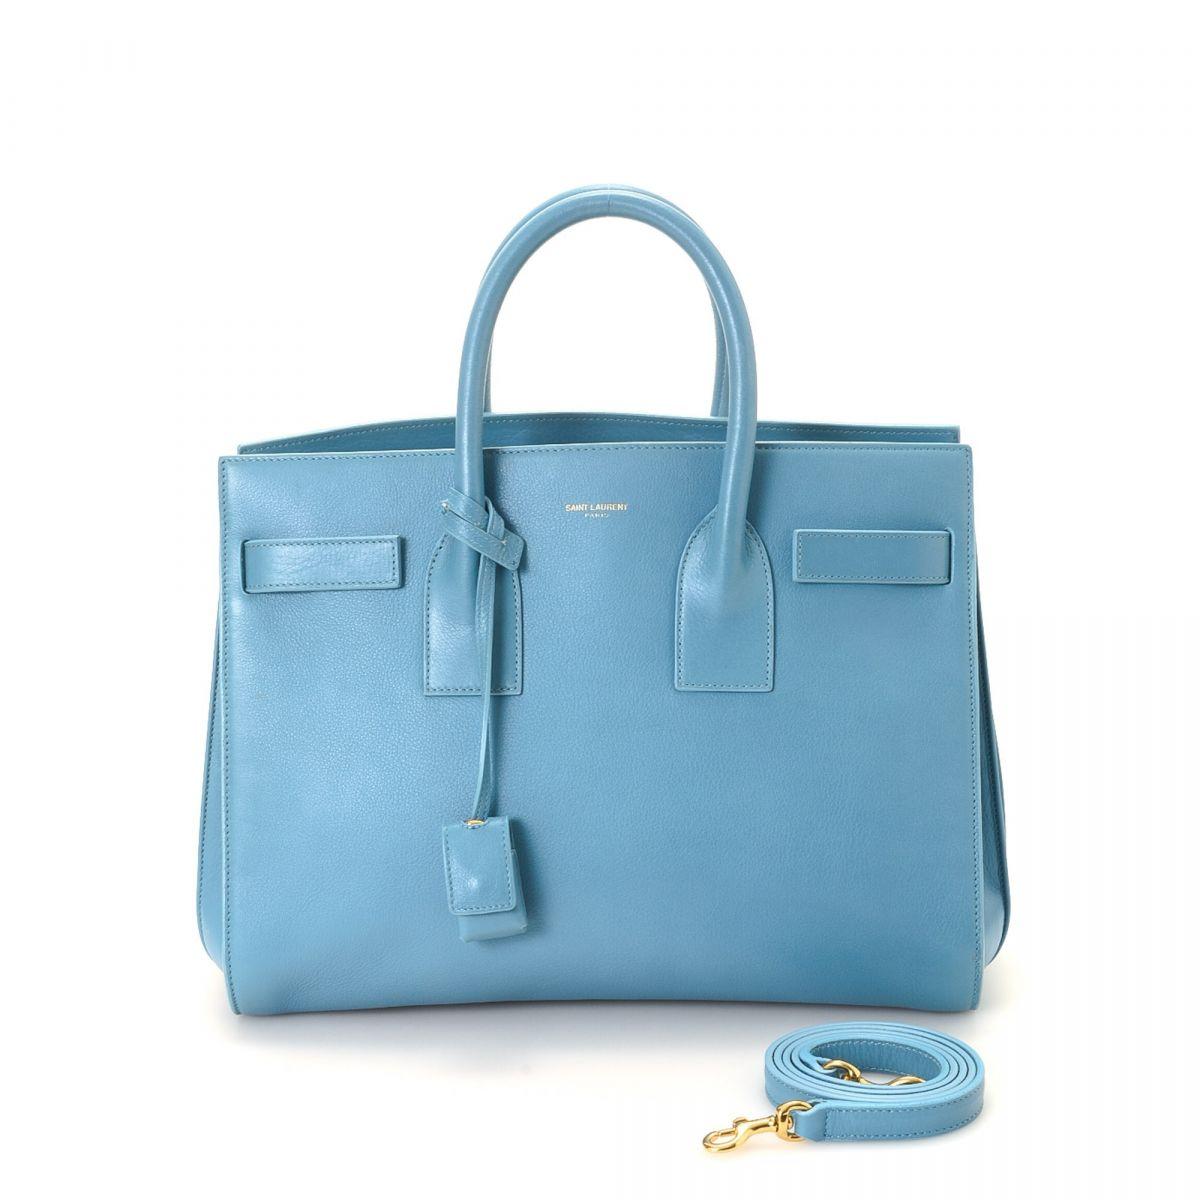 Yves Saint Laurent Handbags | Mens Saint Laurent Sneakers | Saint Laurent Sac De Jour